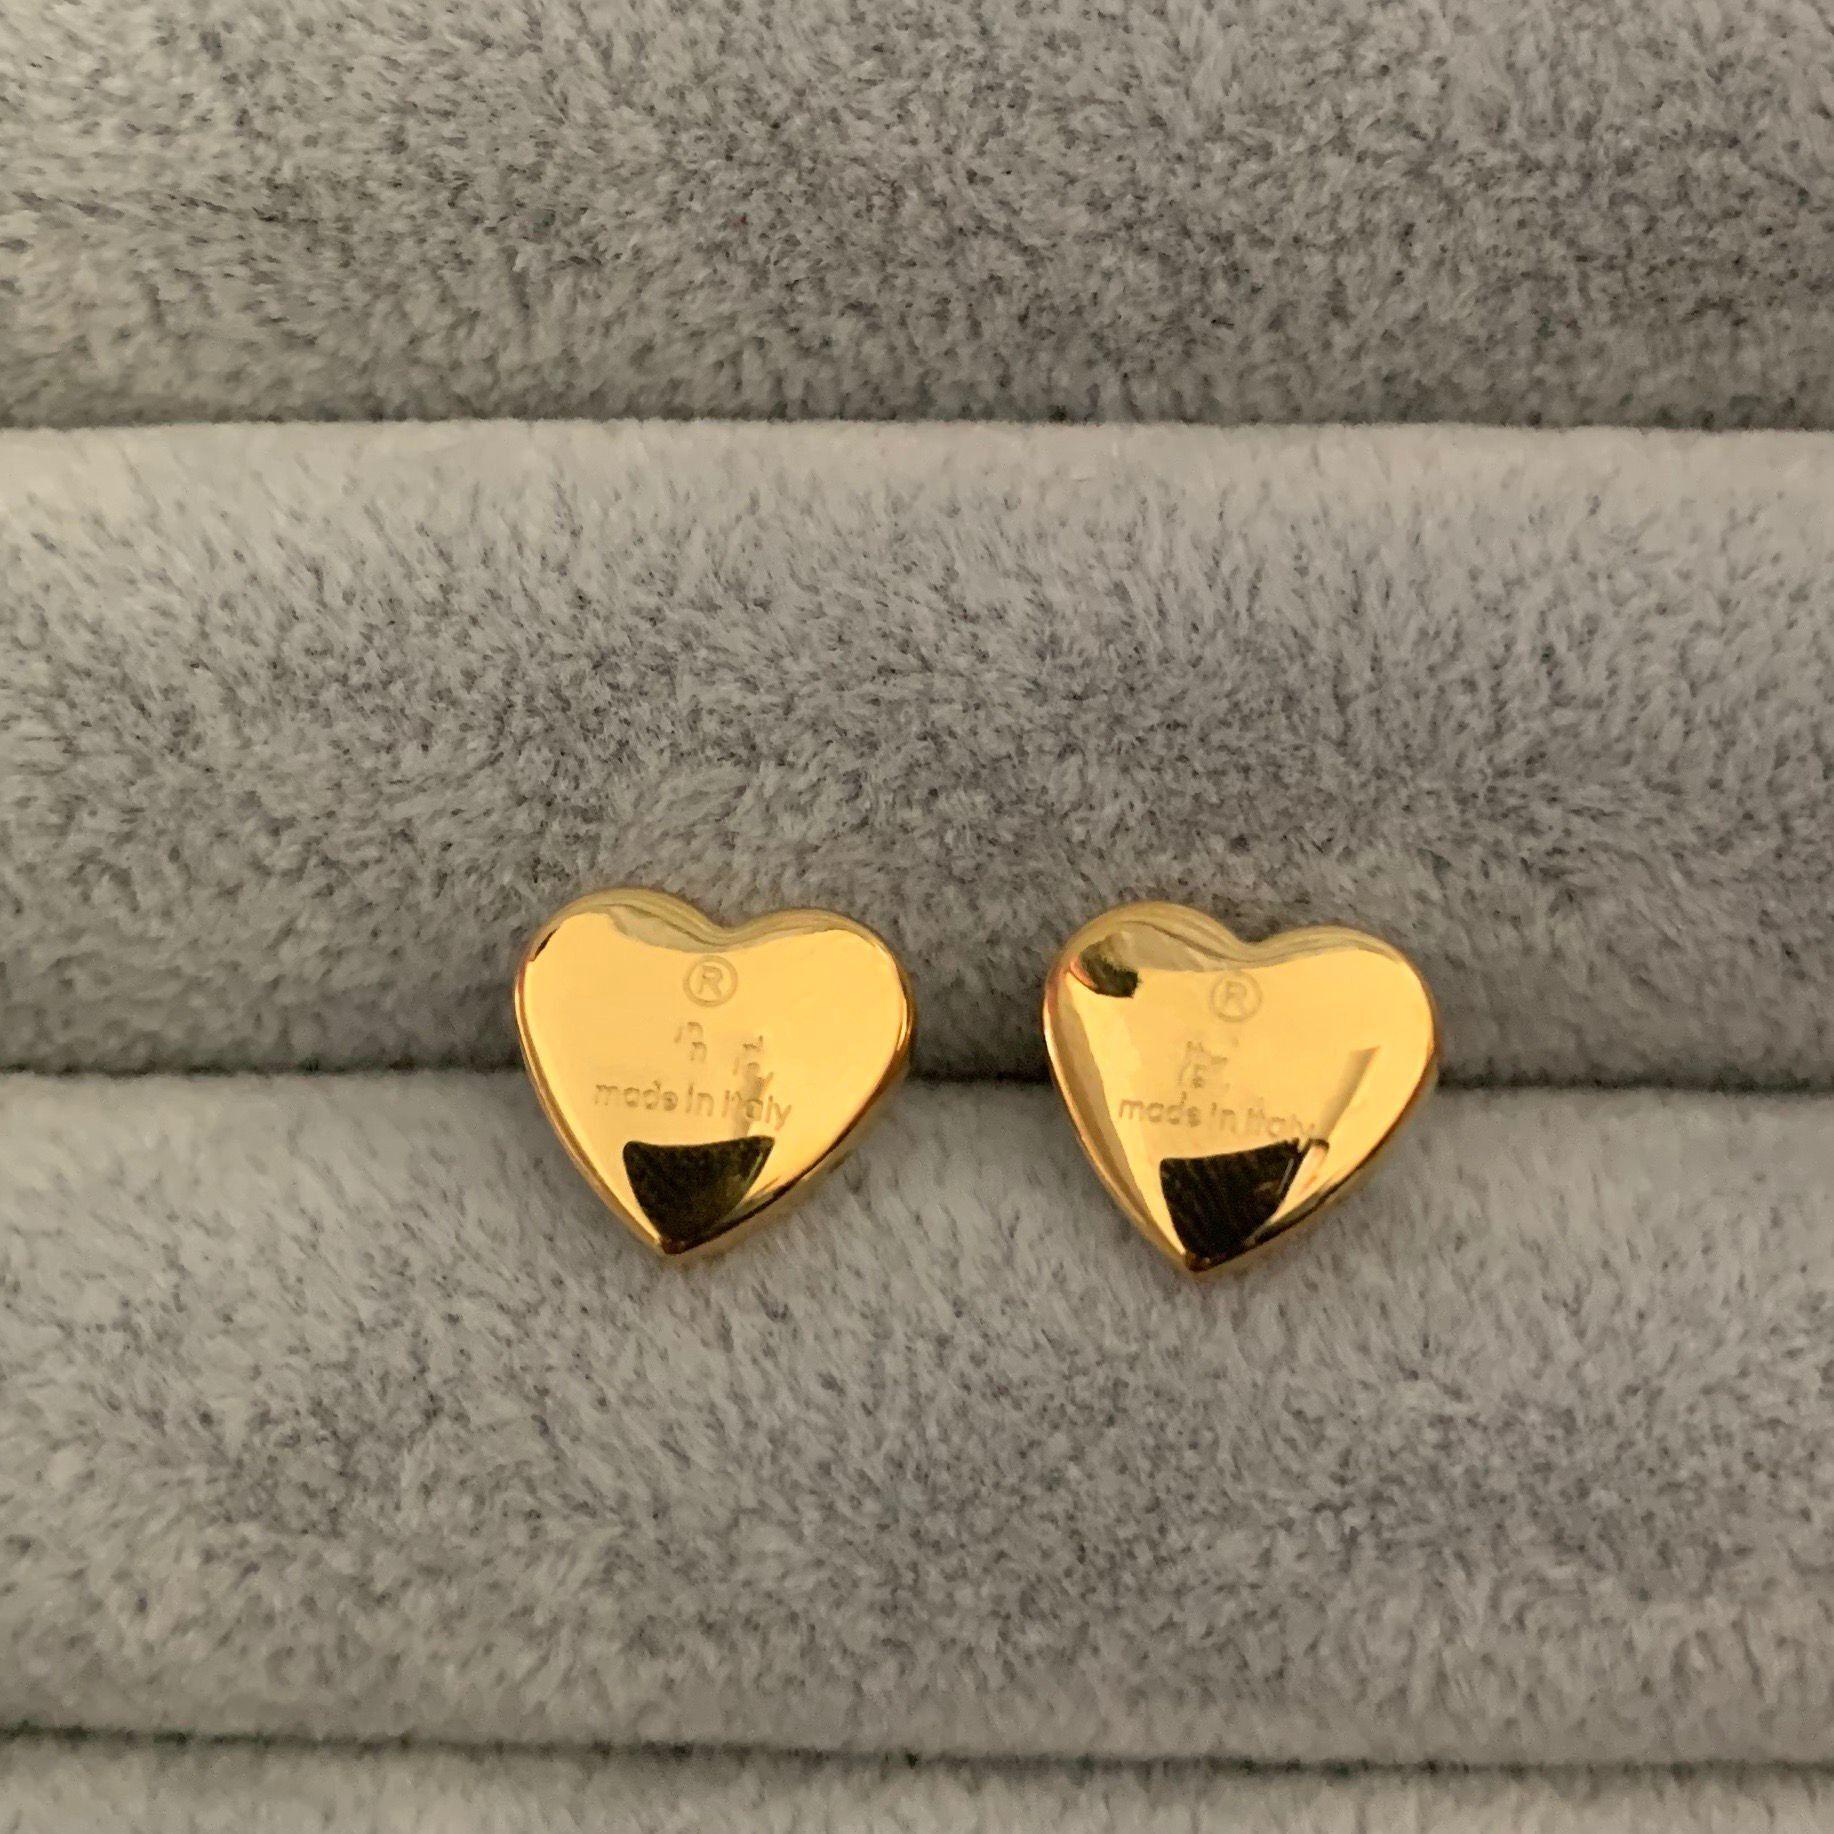 3 цвета любви экстравагантный дизайн модные серьги серьги золотые серебро розовые ушные шпильки из нержавеющей стали серьги для женщин обруч оптом